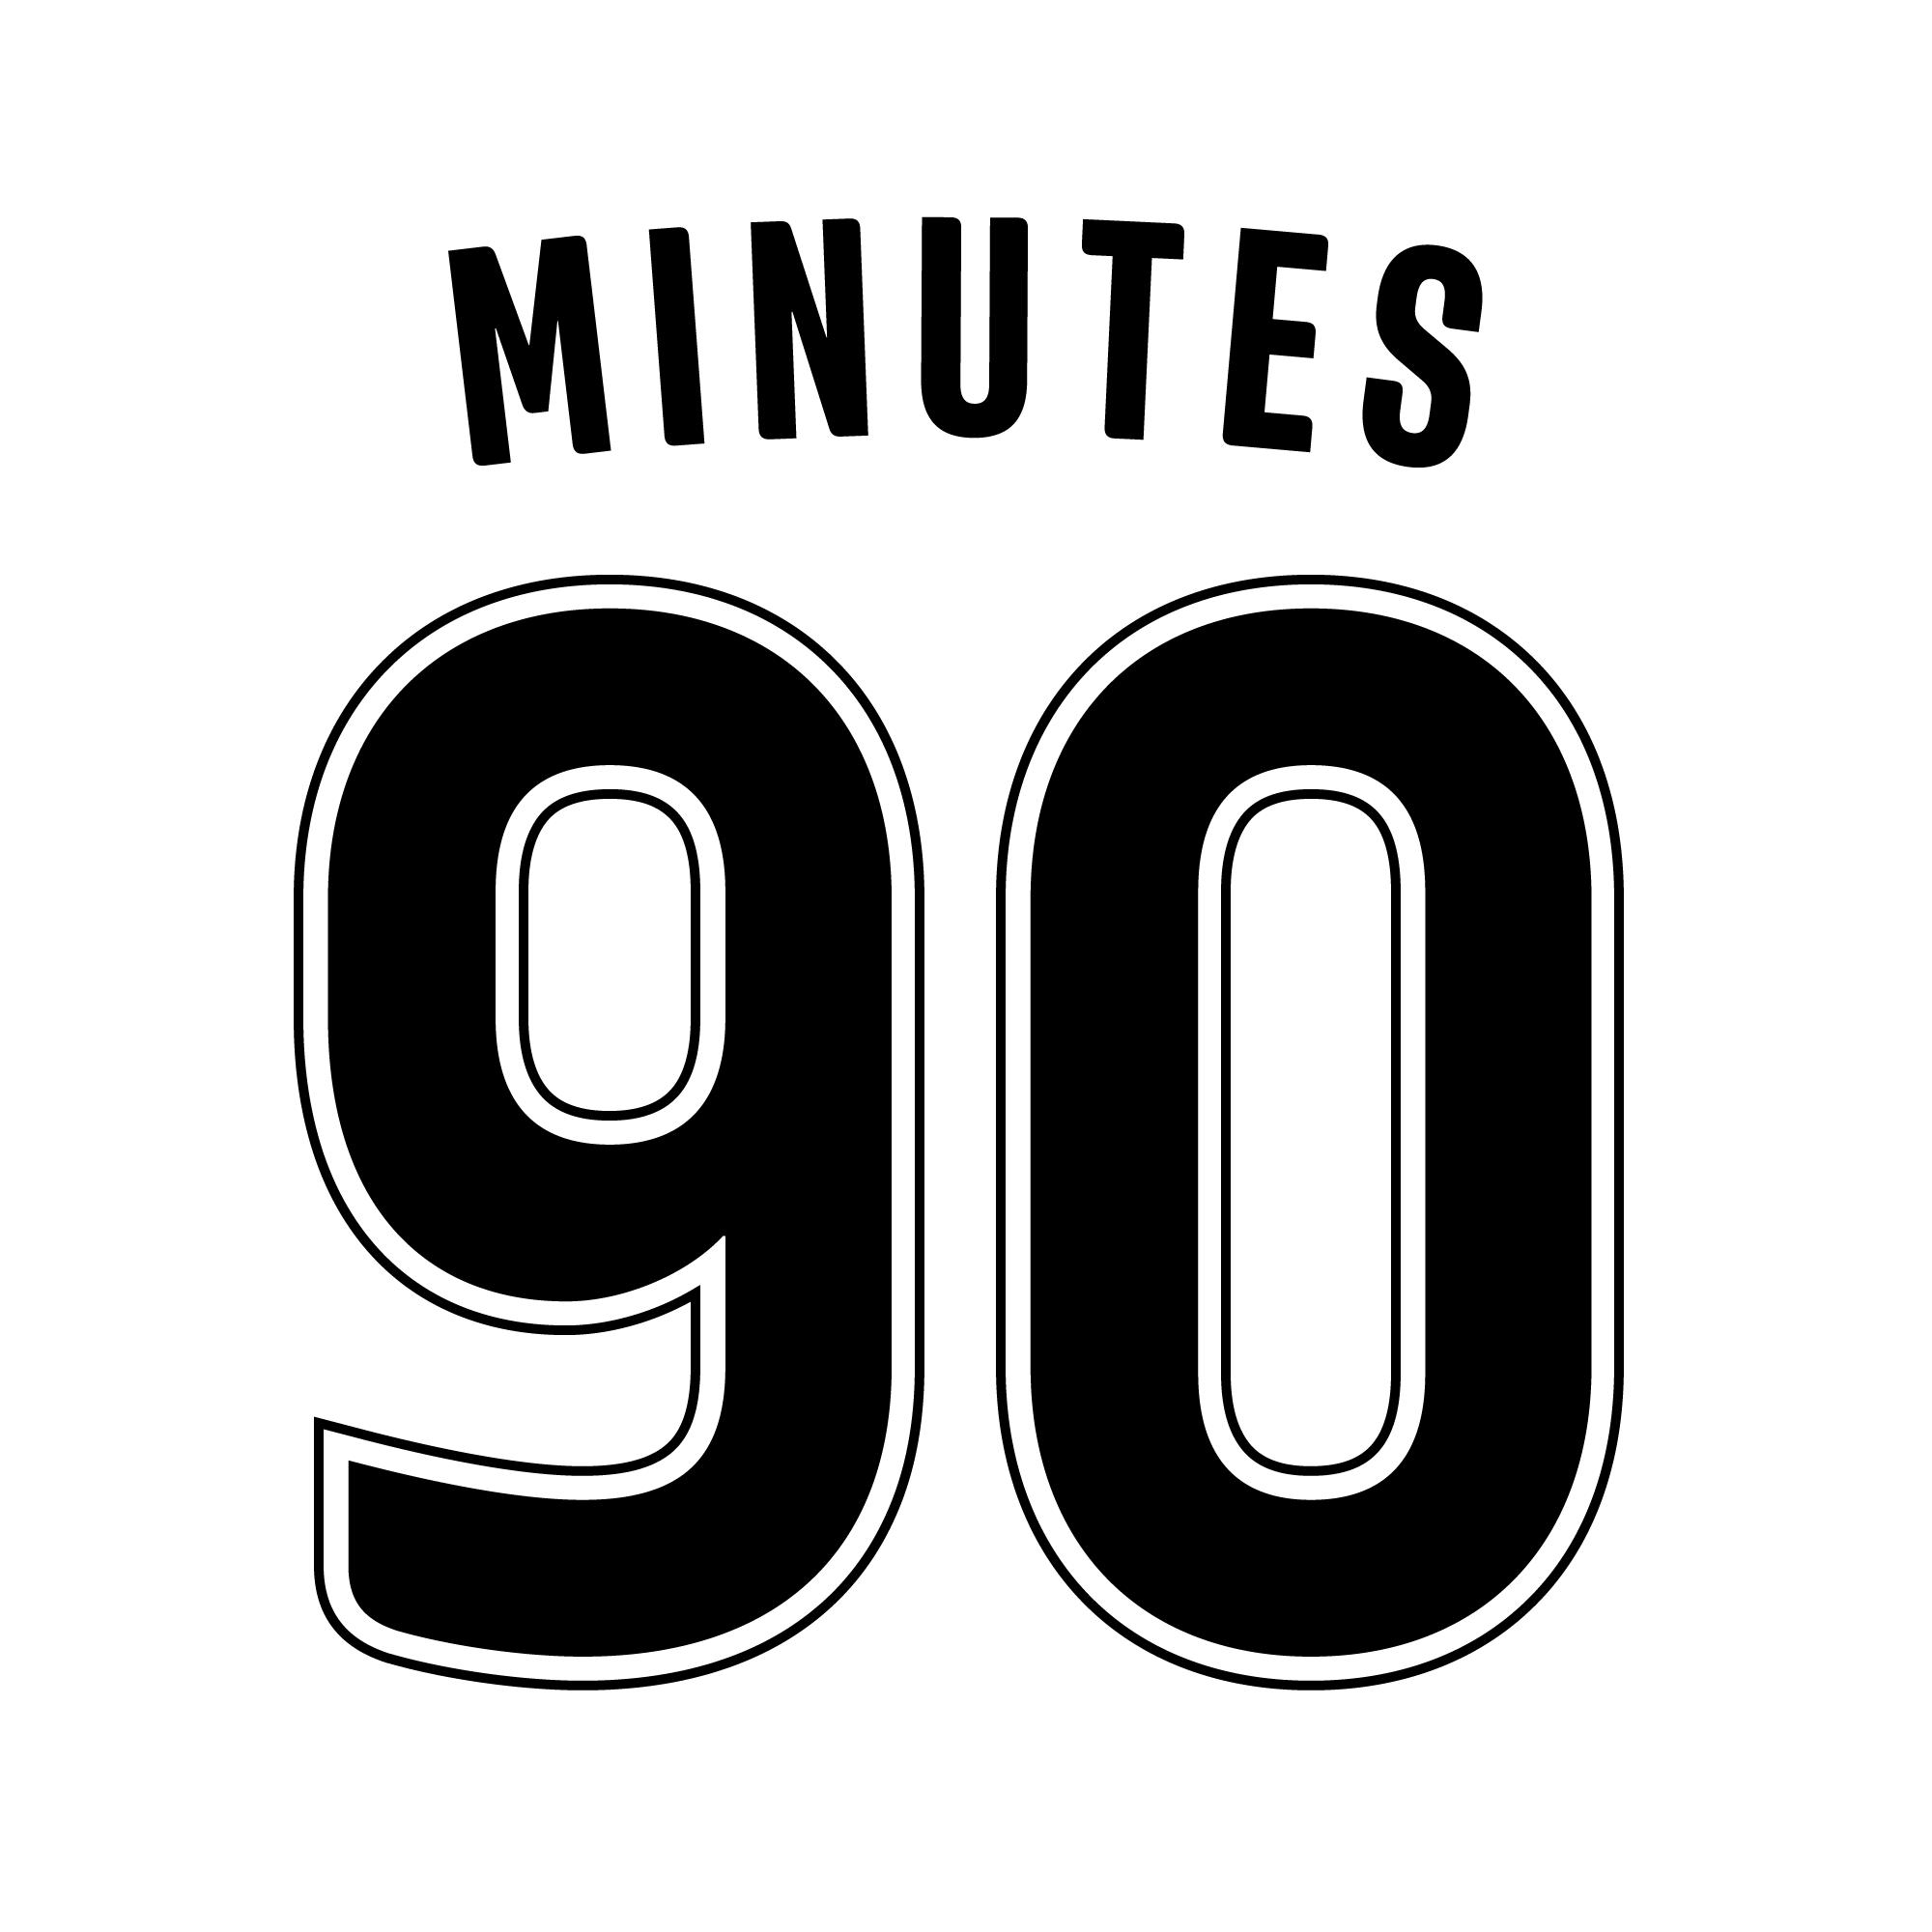 90 Minutes fonts